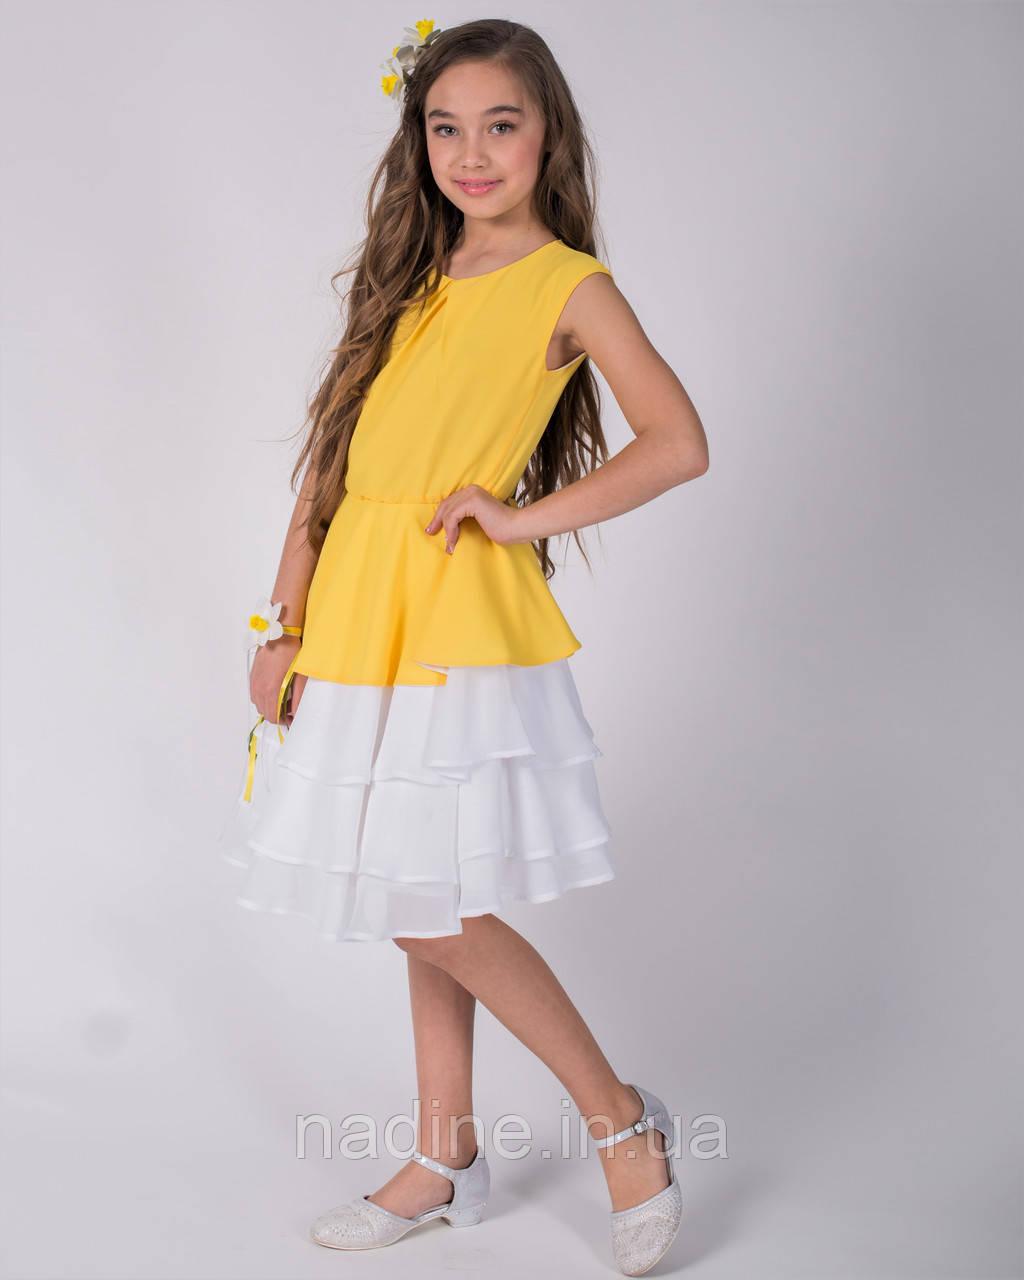 Платье дизайнерское Elegant Narcissus Eirena Nadine (135-34) на рост 134 Желтое с белым